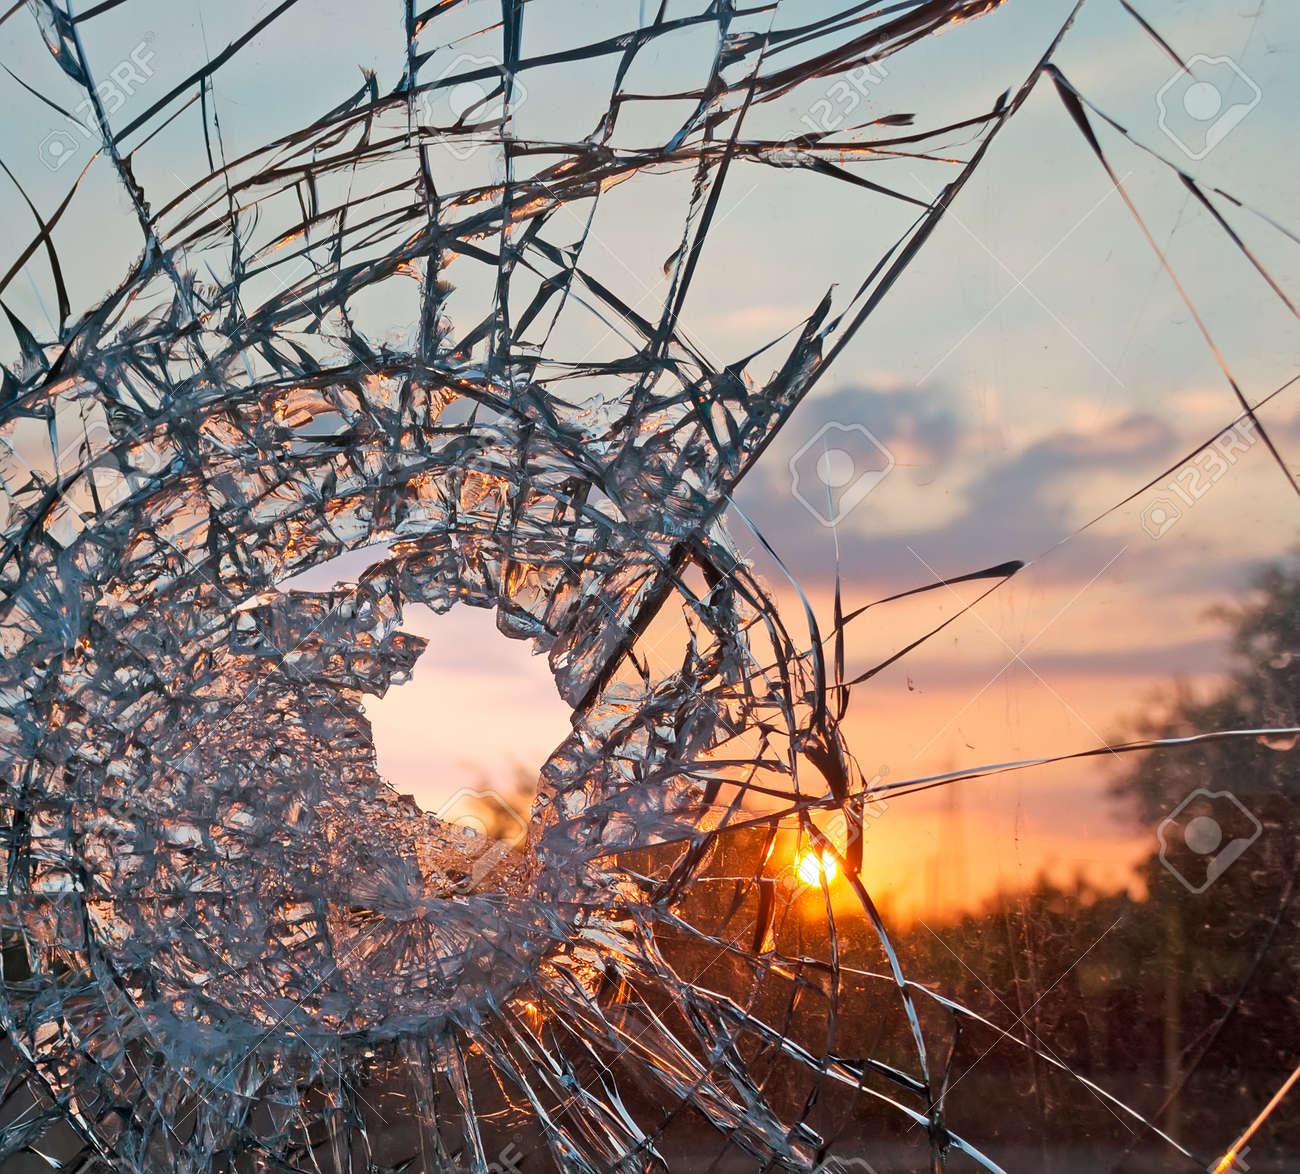 broken glass at sunset - 22922133